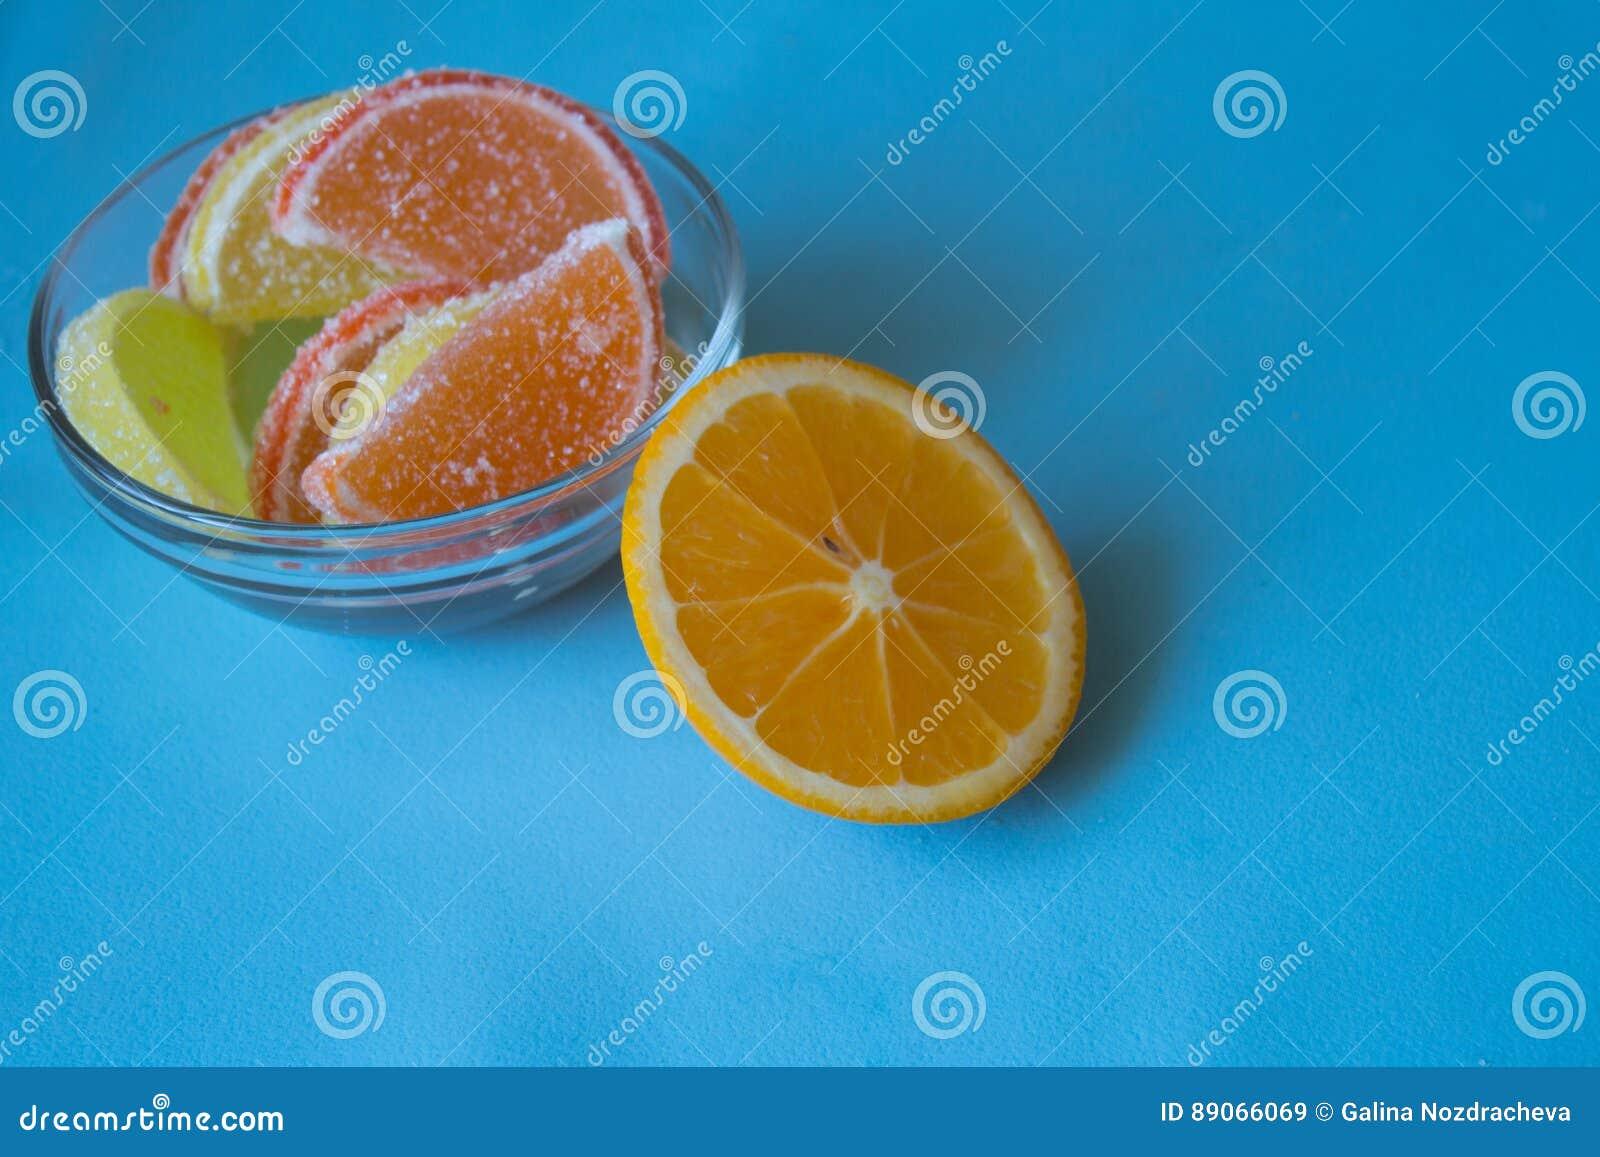 Fatias de doce de fruta limão e partes alaranjadas na placa Amarele